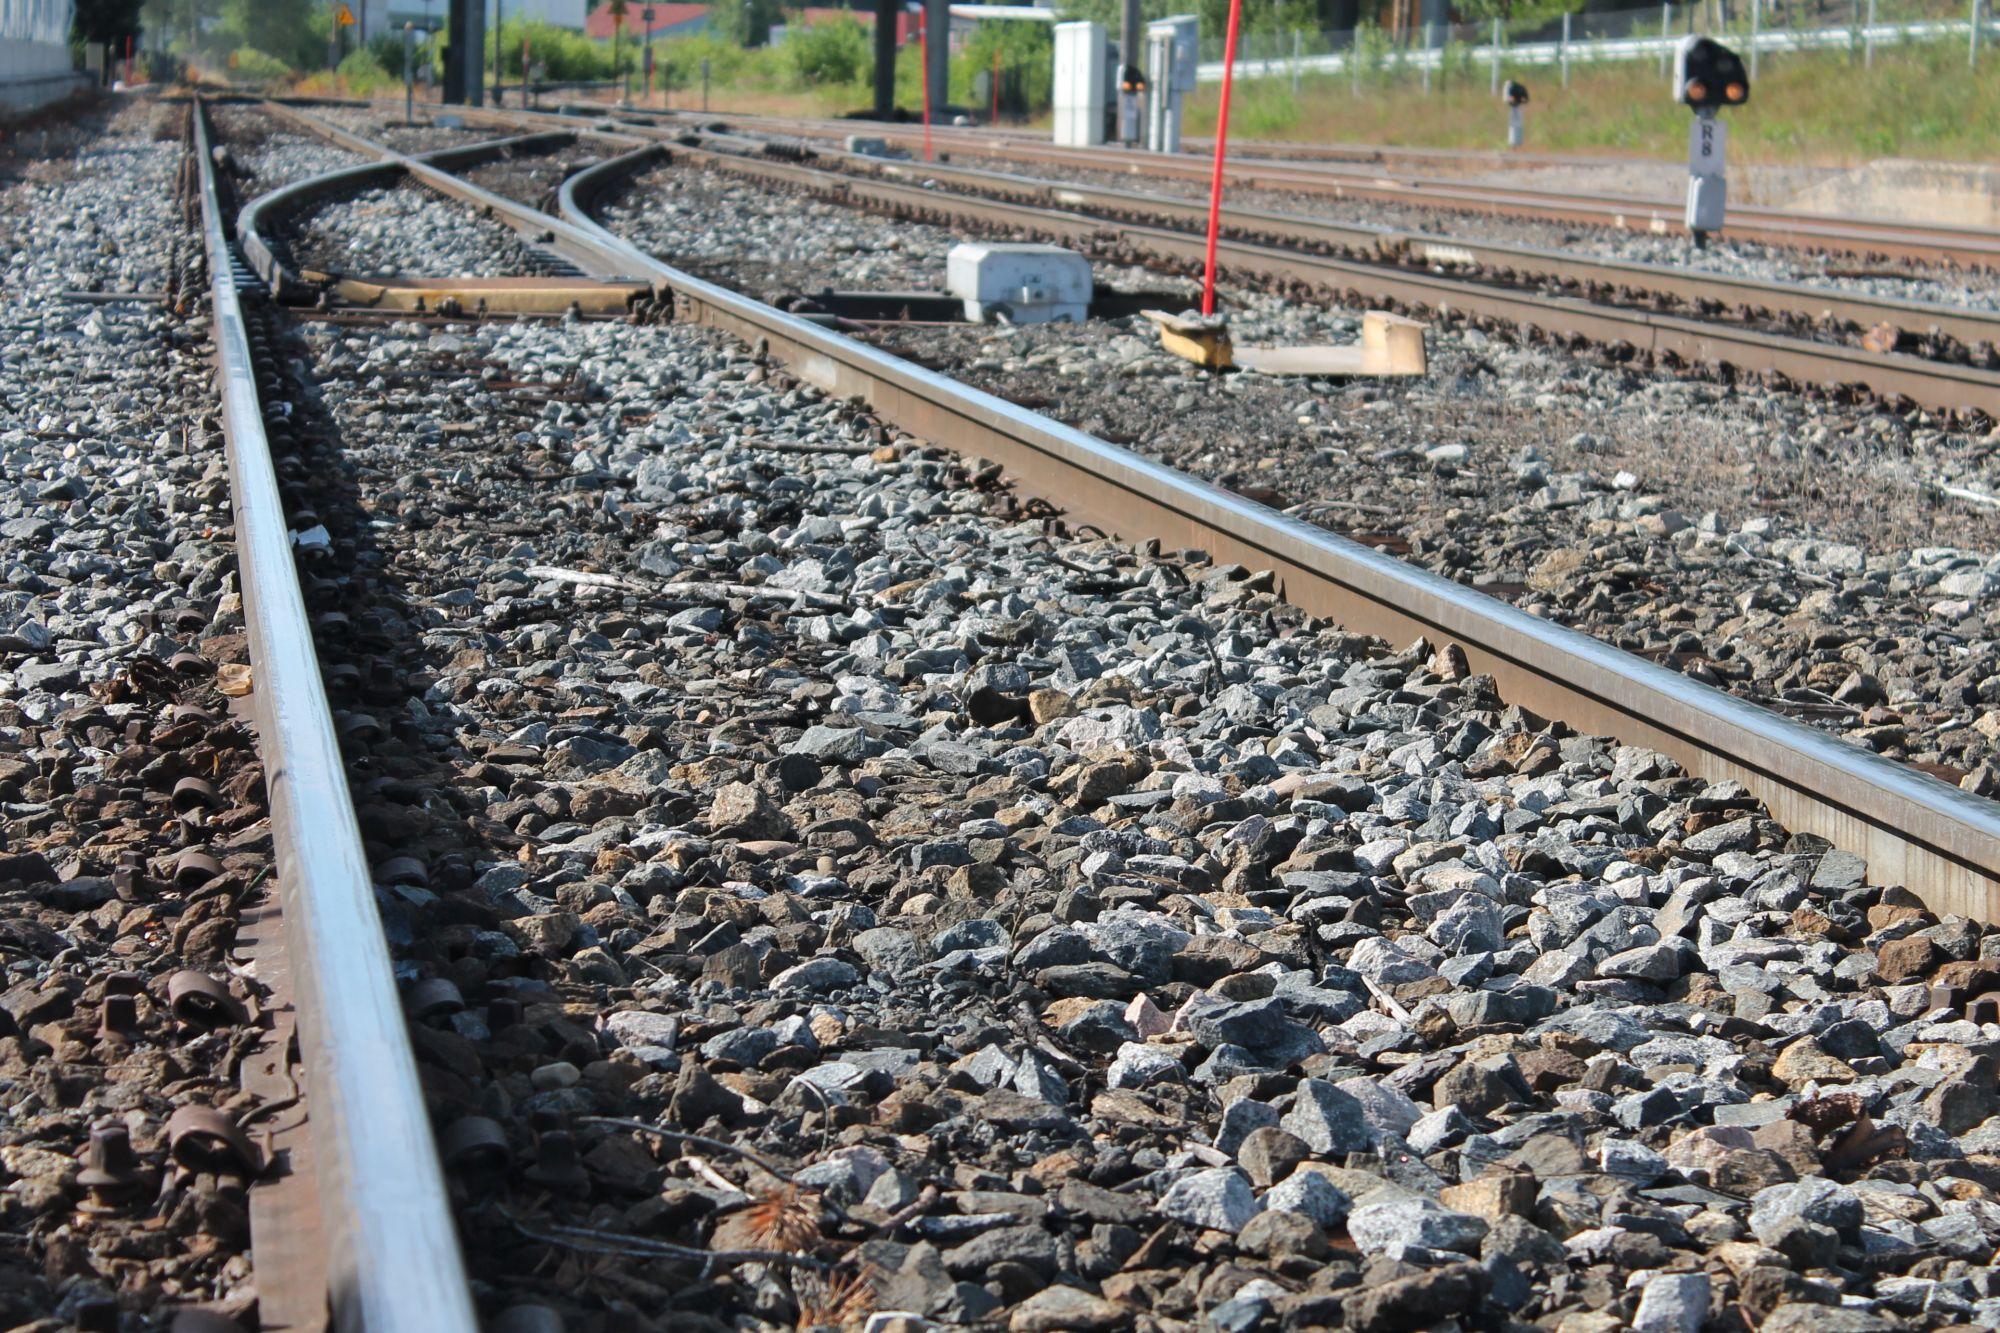 Fylkesrådet i Hedmark vil ha flere togavganger på både Rørosbanen og Dovrebanen, og vil på sikt ha persontrafikken tilbake på Solørbanen.